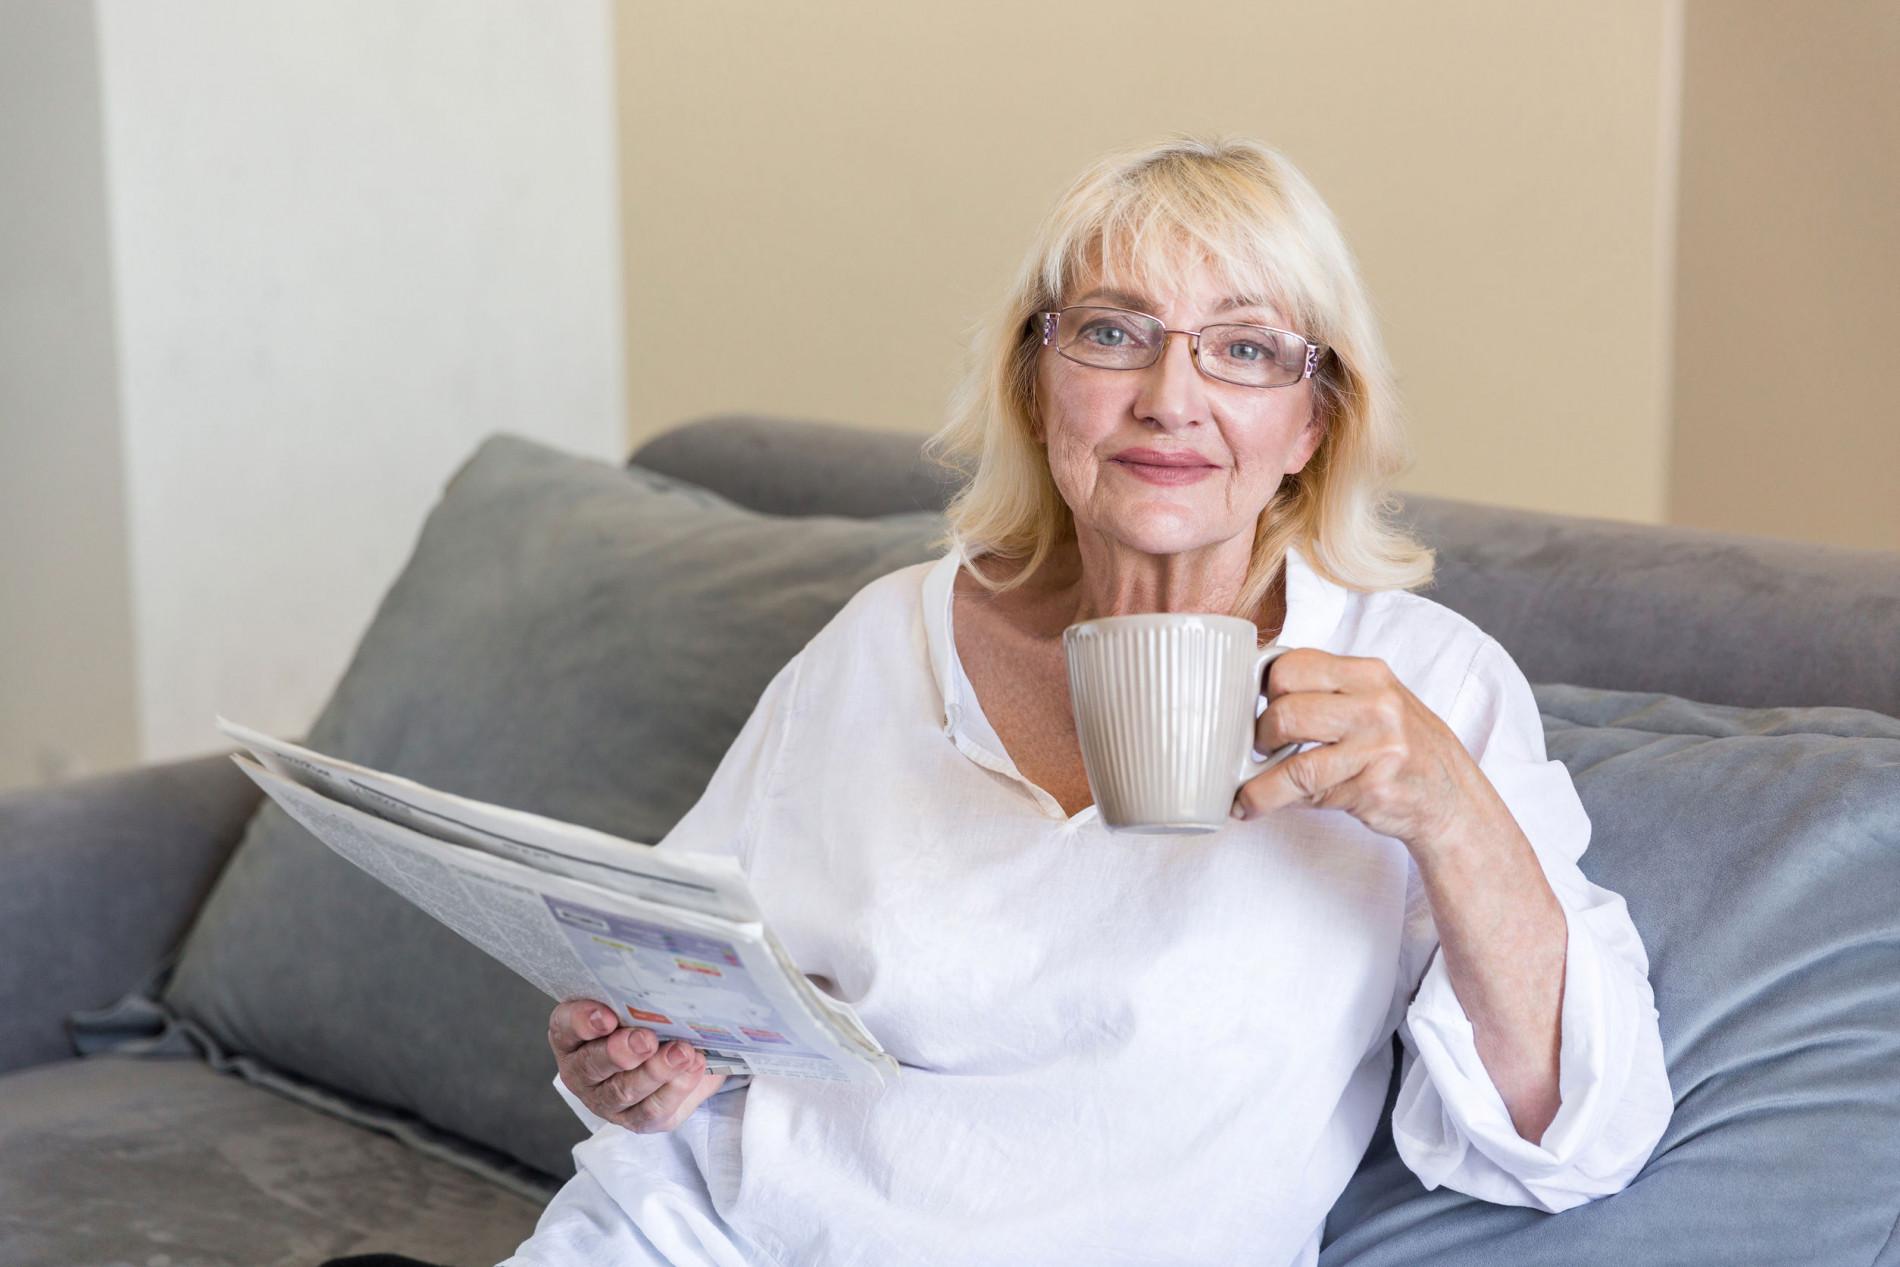 Actualités pour accompagner la perte d'autonomie des seniors et soutienir leurs proches